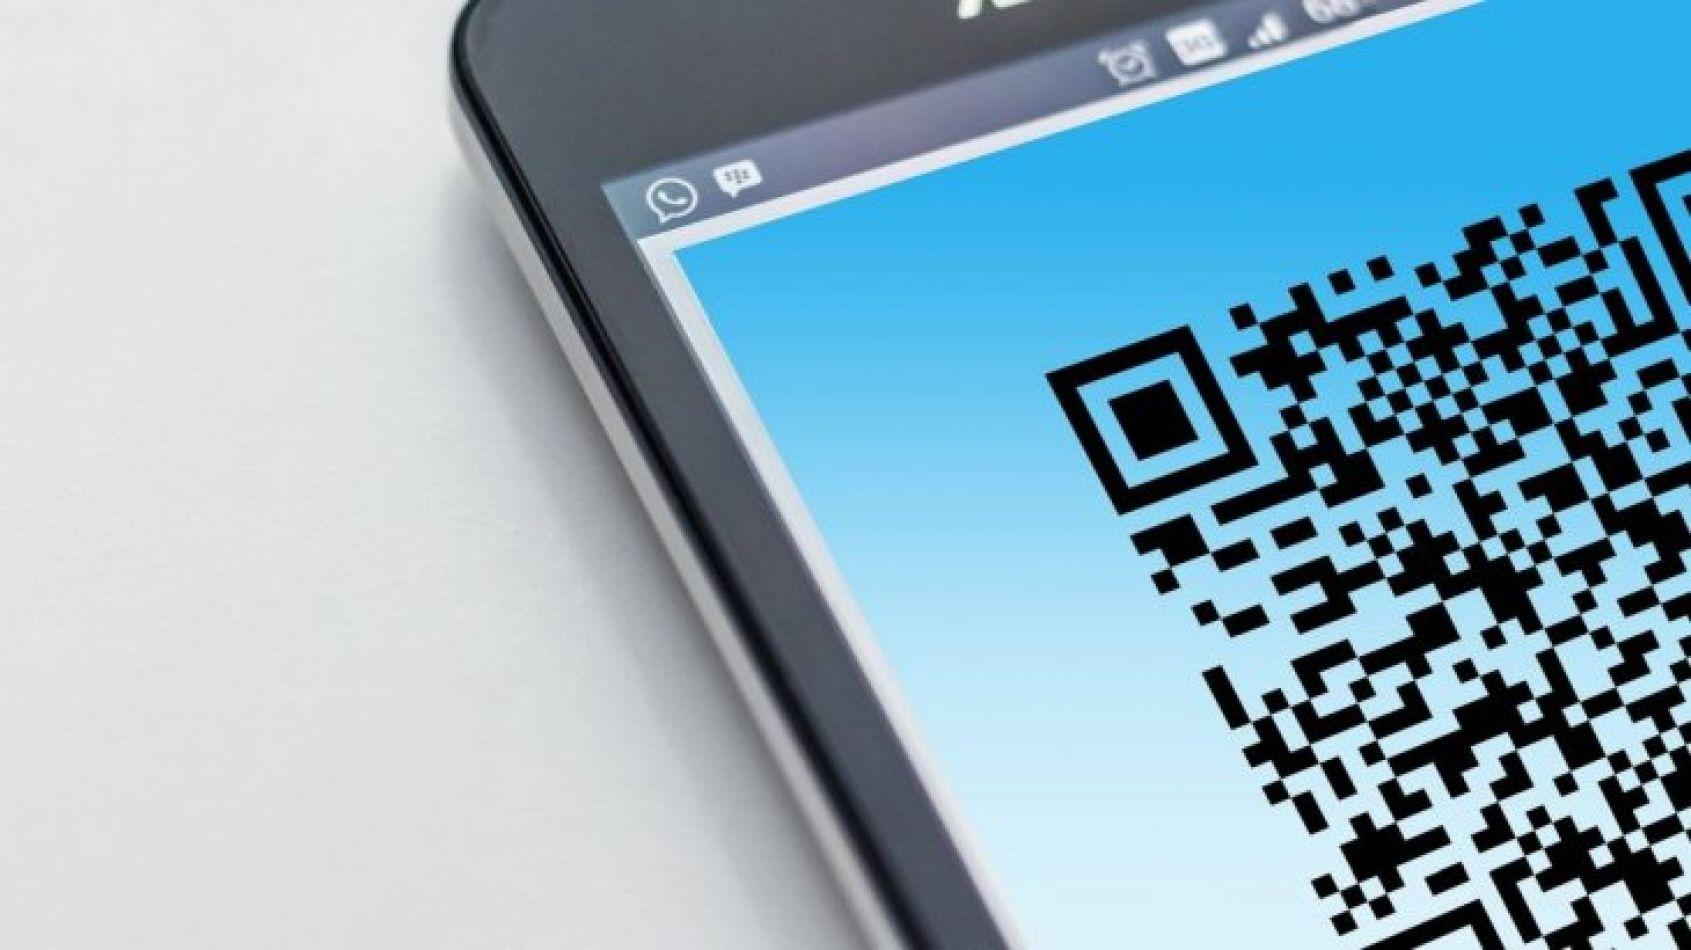 Cuatro de los principales bancos lanzarán una app de pagos para competir con Mercado Pago